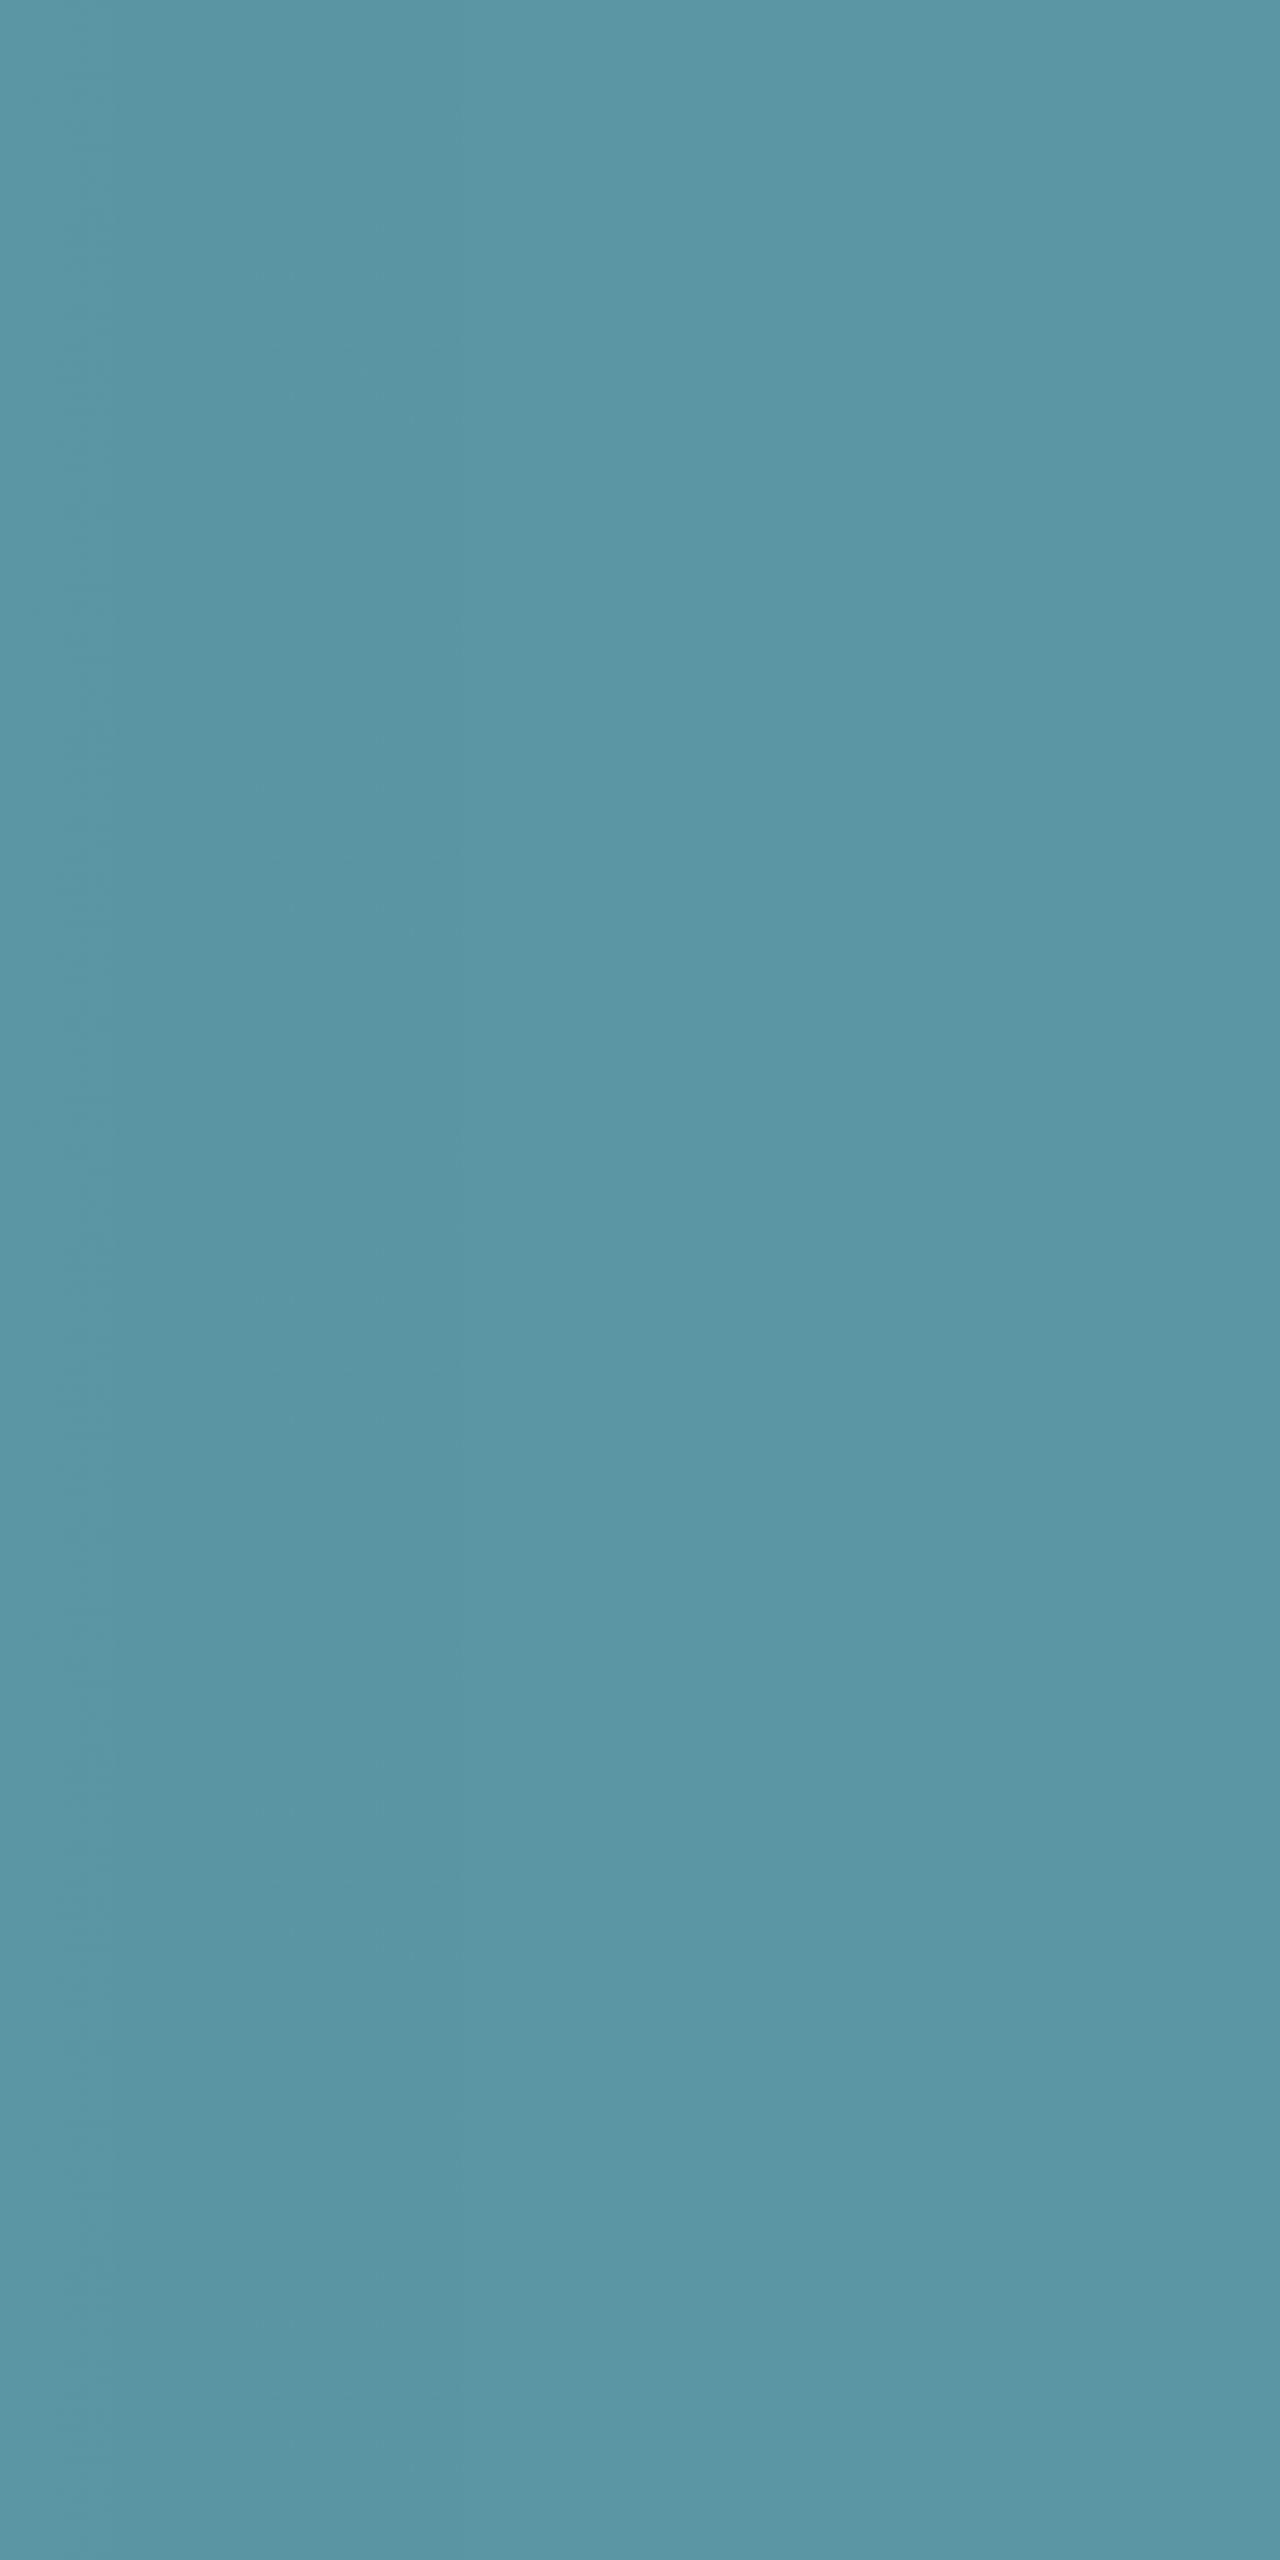 Buildtech 2.0 Bold Colors Sky Matte 6mm 60 x 120